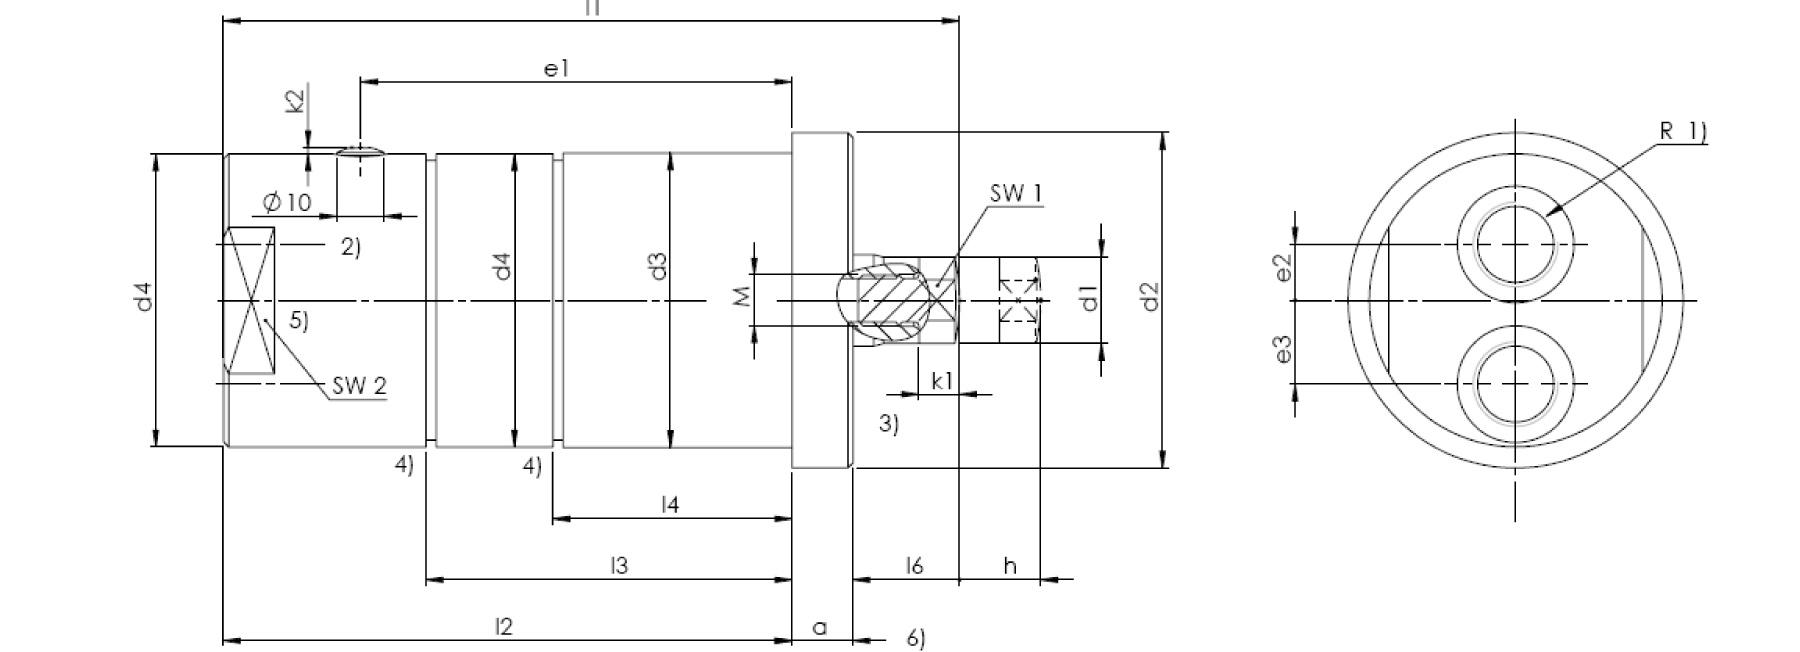 Druckzylinder HZDZ_II